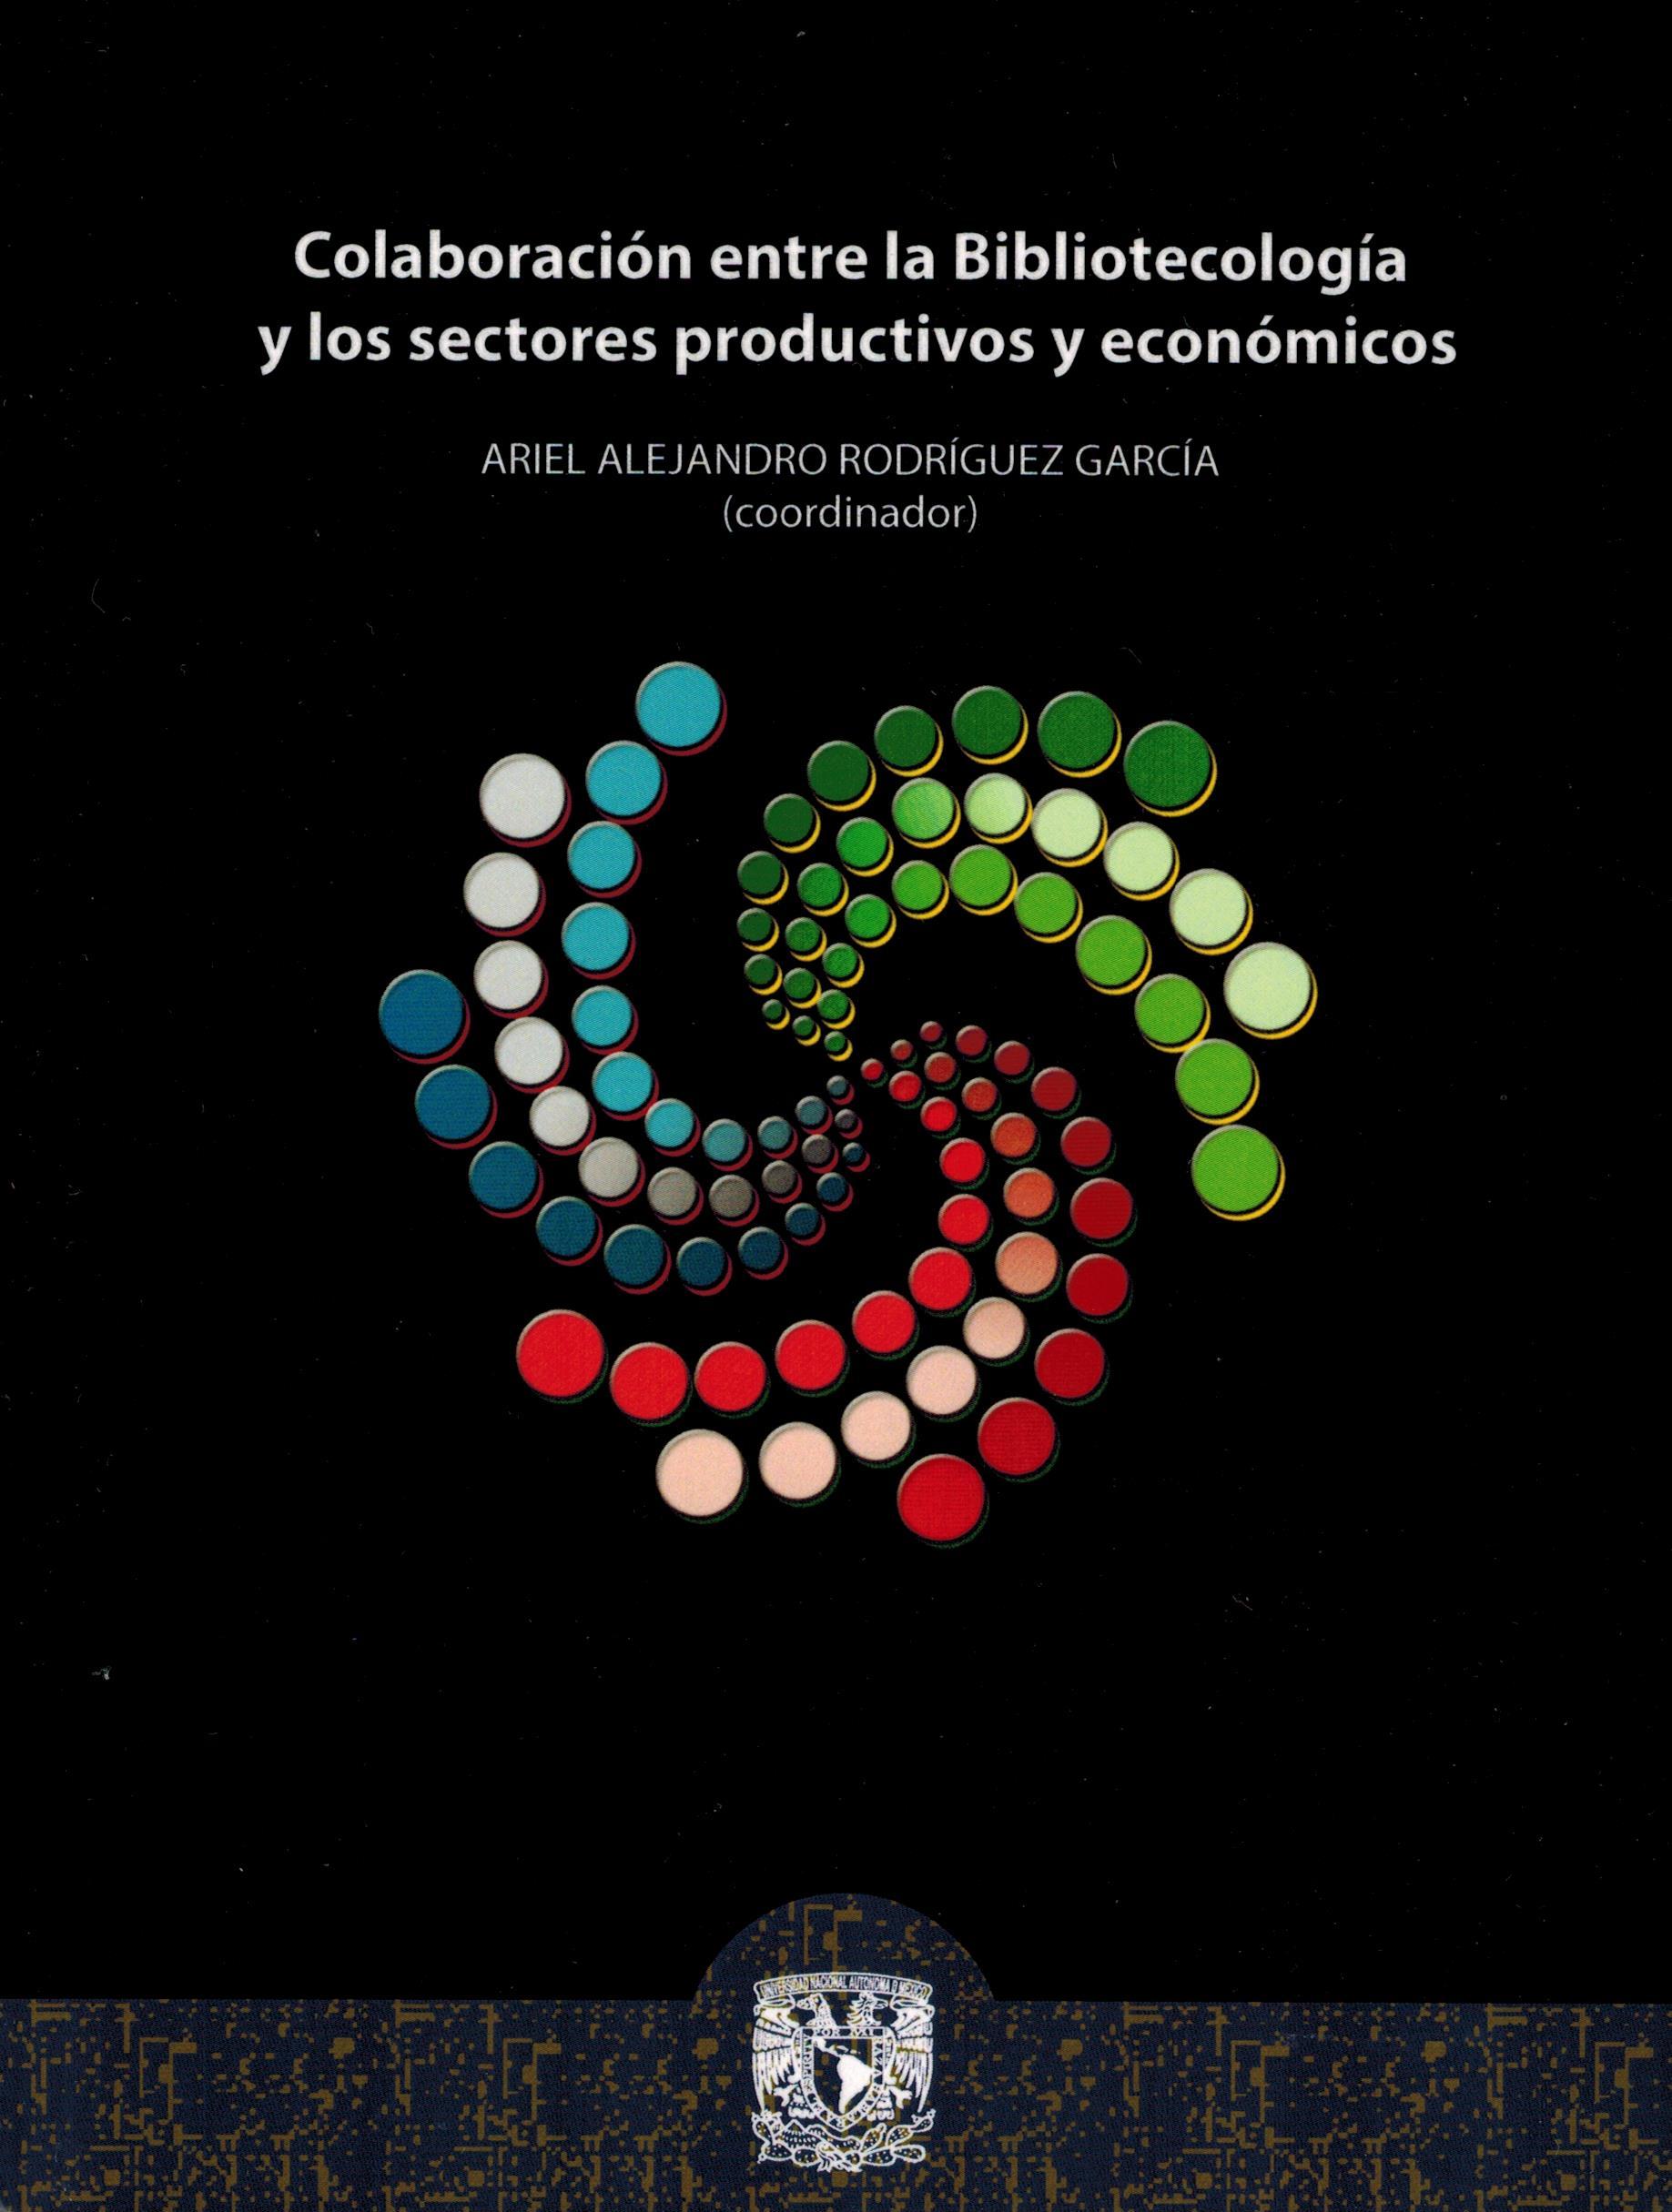 Colaboración entre la Bibliotecología y los sectores productivos y económicos